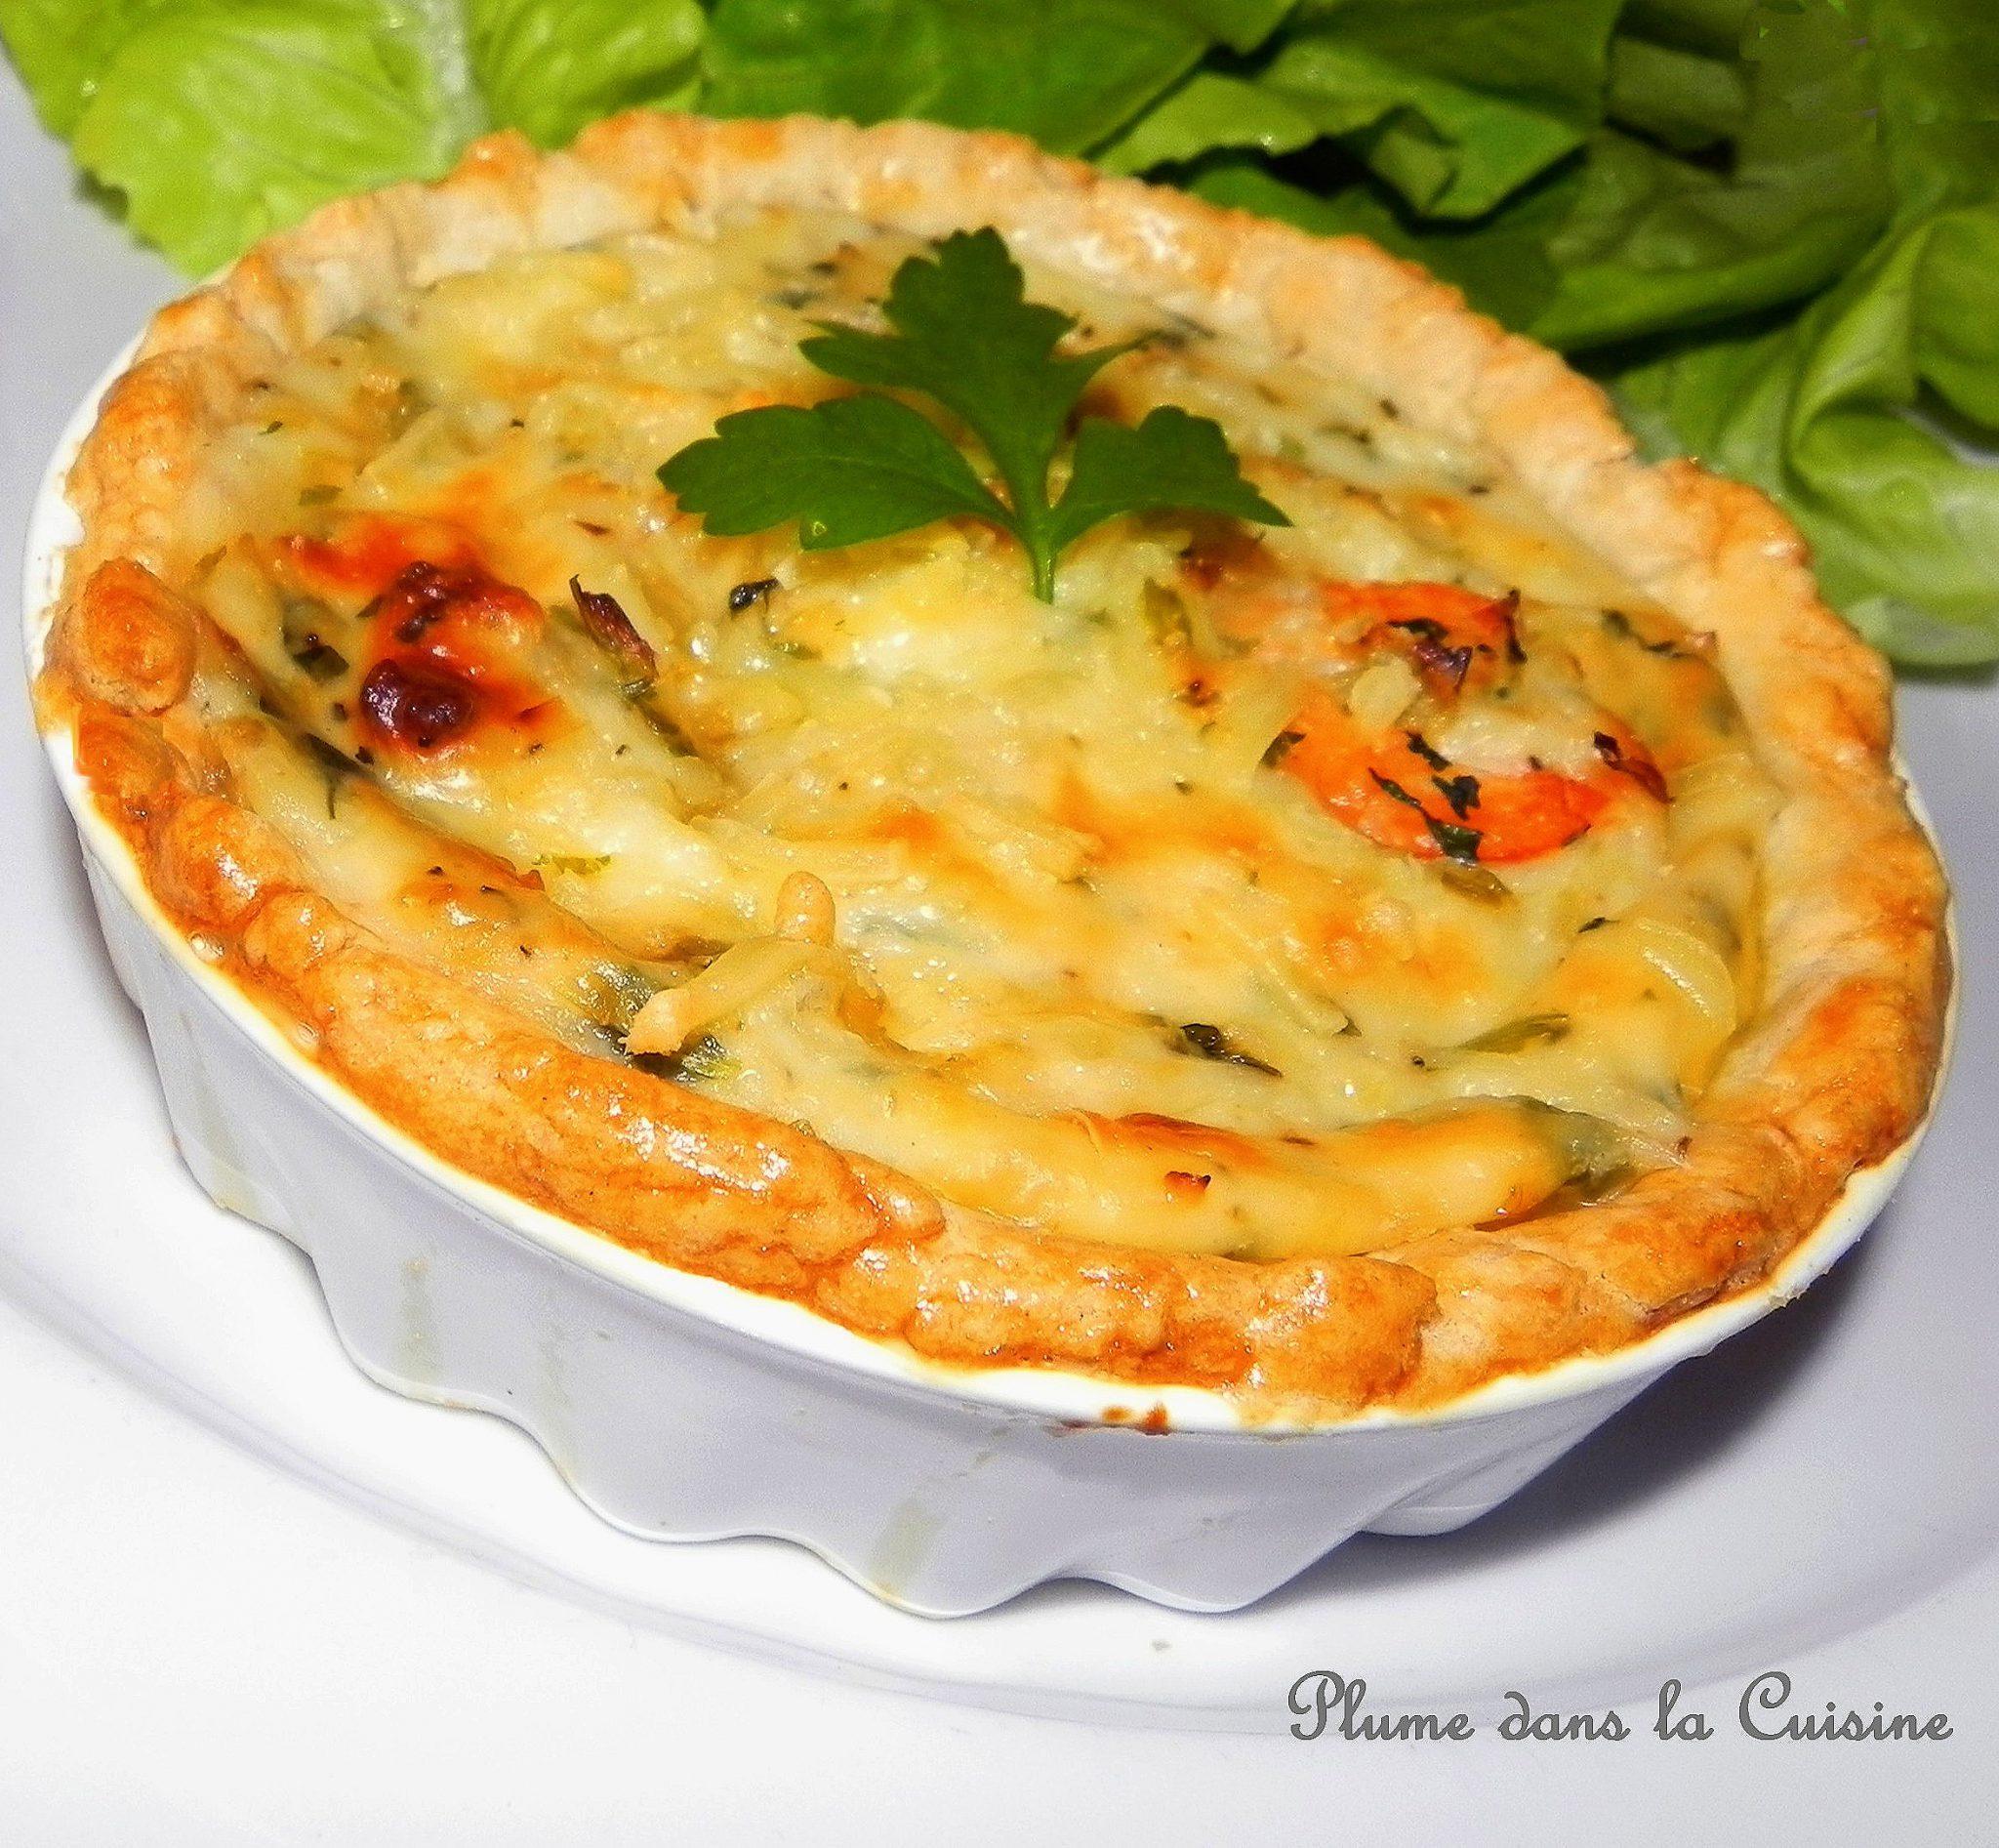 Tarte aux crevettes antillaise une plume dans la cuisine - Cuisine antillaise facile ...